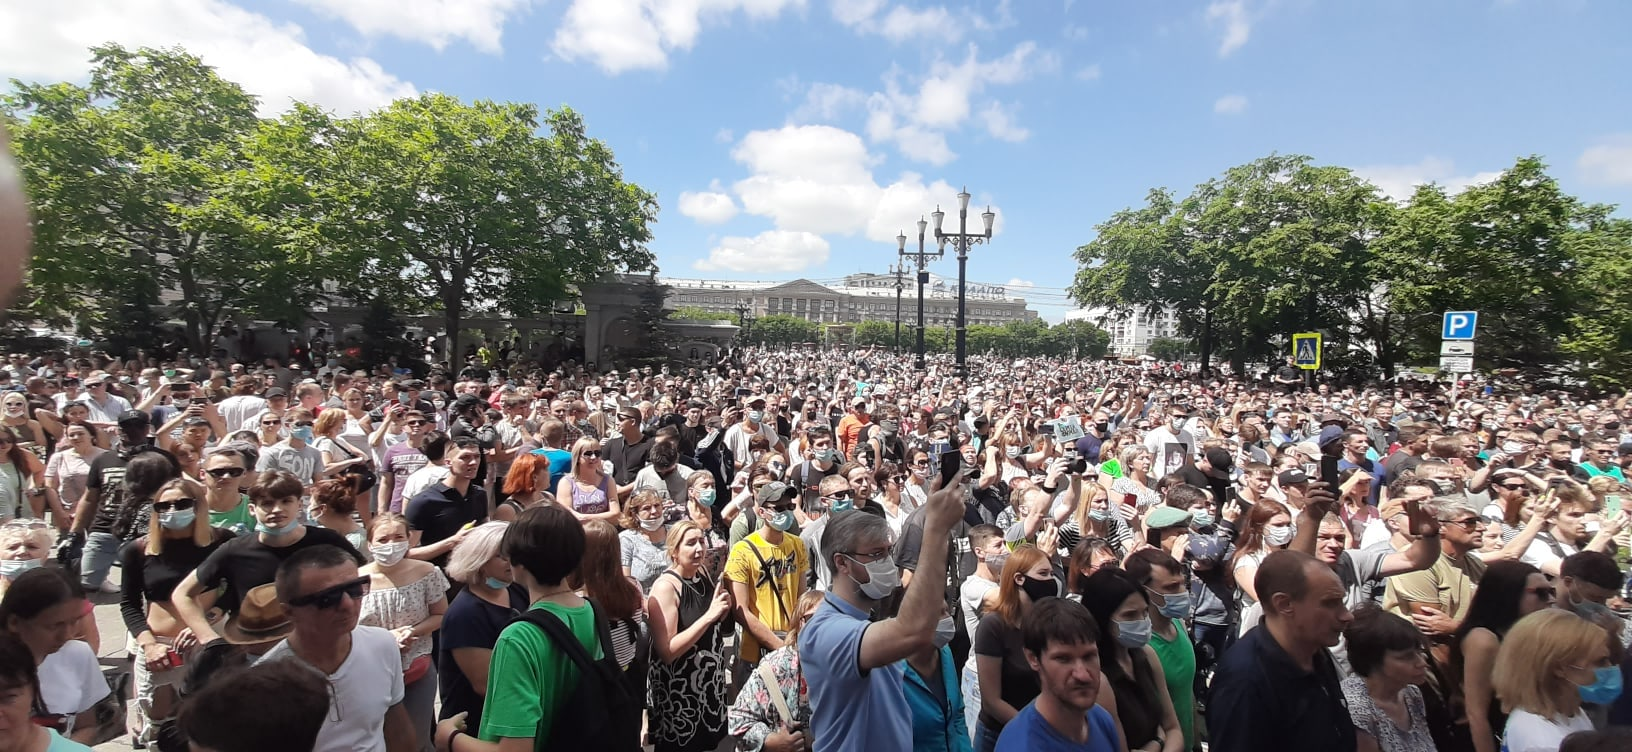 Тысячи жителей Хабаровска вышли на митинг против ареста губернатора Фургала